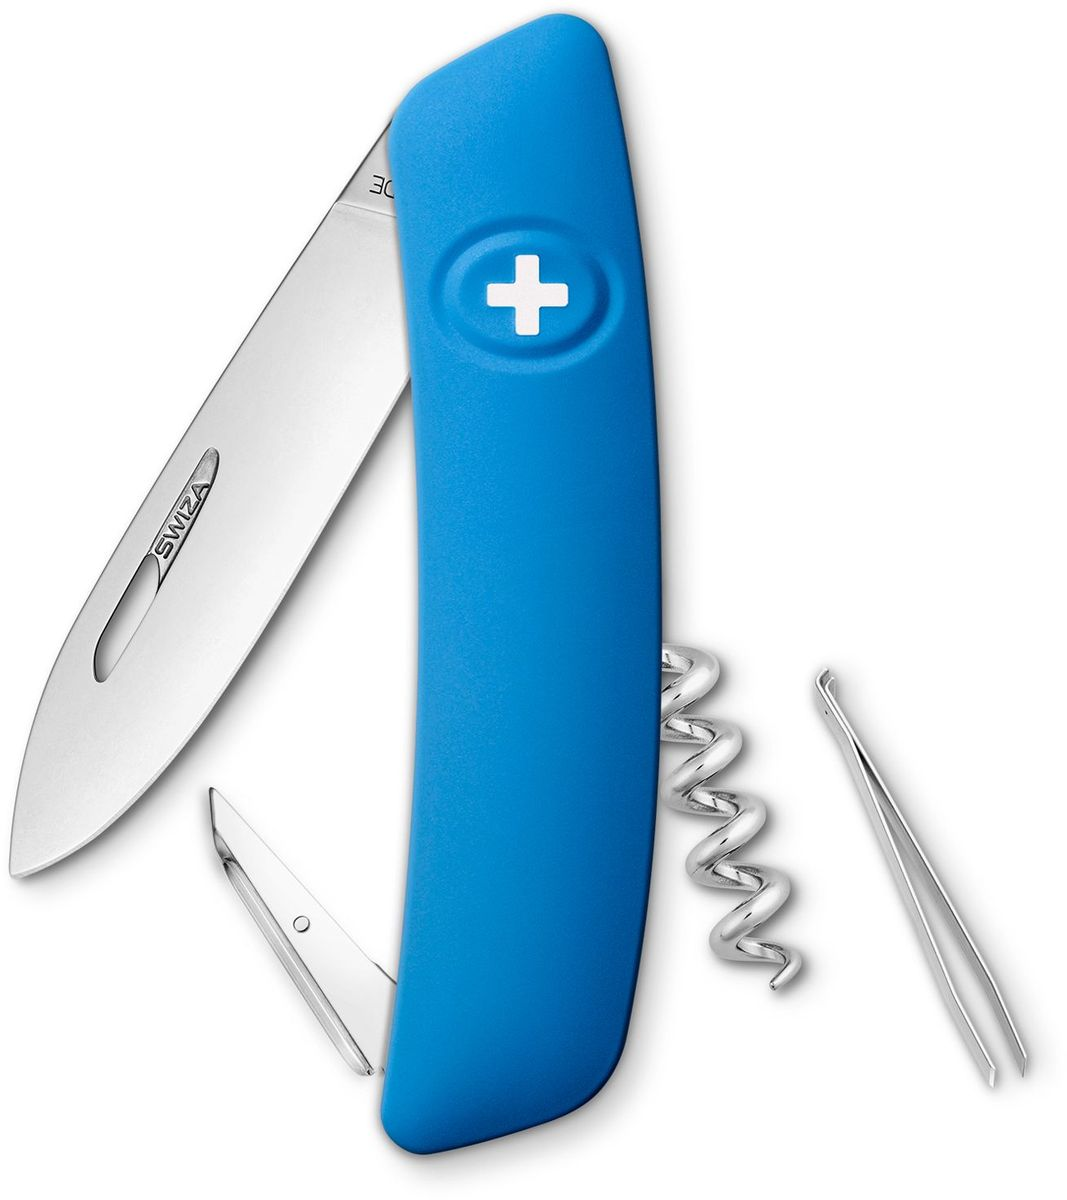 Нож швейцарский SWIZA D01, цвет: синий, длина клинка 7,5 смKNI.0010.1030 Швейцарский нож (SWIZA D01) с его революционной формой и безопасной рукояткой, легко раскладываемой ручкой - самый удобный и простой в использовании швейцарский нож на все времена. Эргономично изогнутая форма ножа обеспечивает более легкий доступ к инструментам, а пазы позволяют легко их открывать, как левой, так и правой рукой. Пожизненная гаратния на ножи SWIZA обеспечивают долговременное использование1. нож перочинный ,2. штопор, 3. ример/дырокол4. шило, 5. безопасная блокировка лезвий,6. пинцет